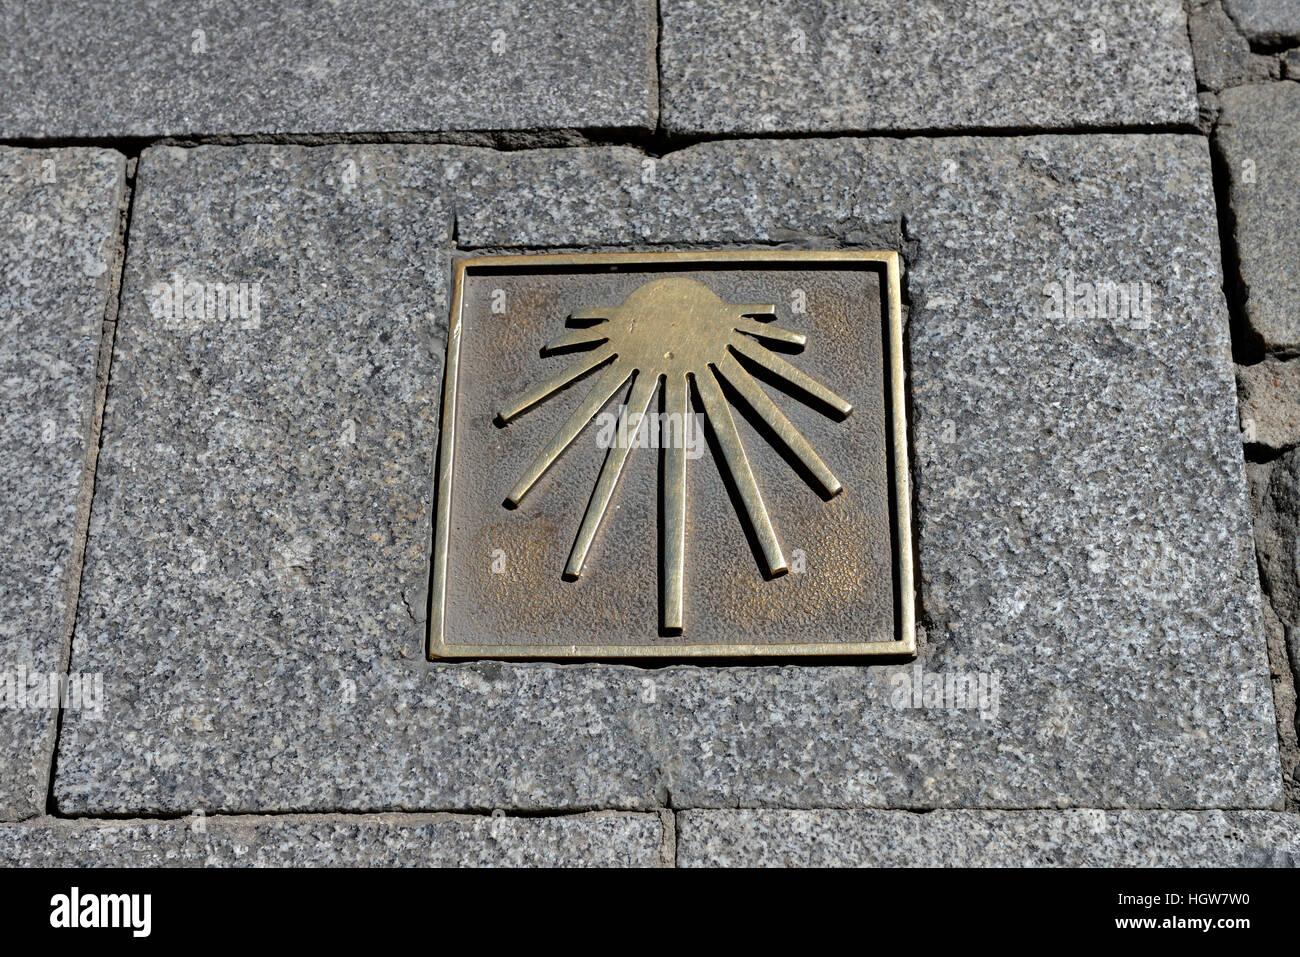 Bronzetafel mit Zeichen der Jakobsmuschel, Jakobsweg, Pilgerweg, Pilgerzeichen, Salamanca, Spanien, Europa - Stock Image